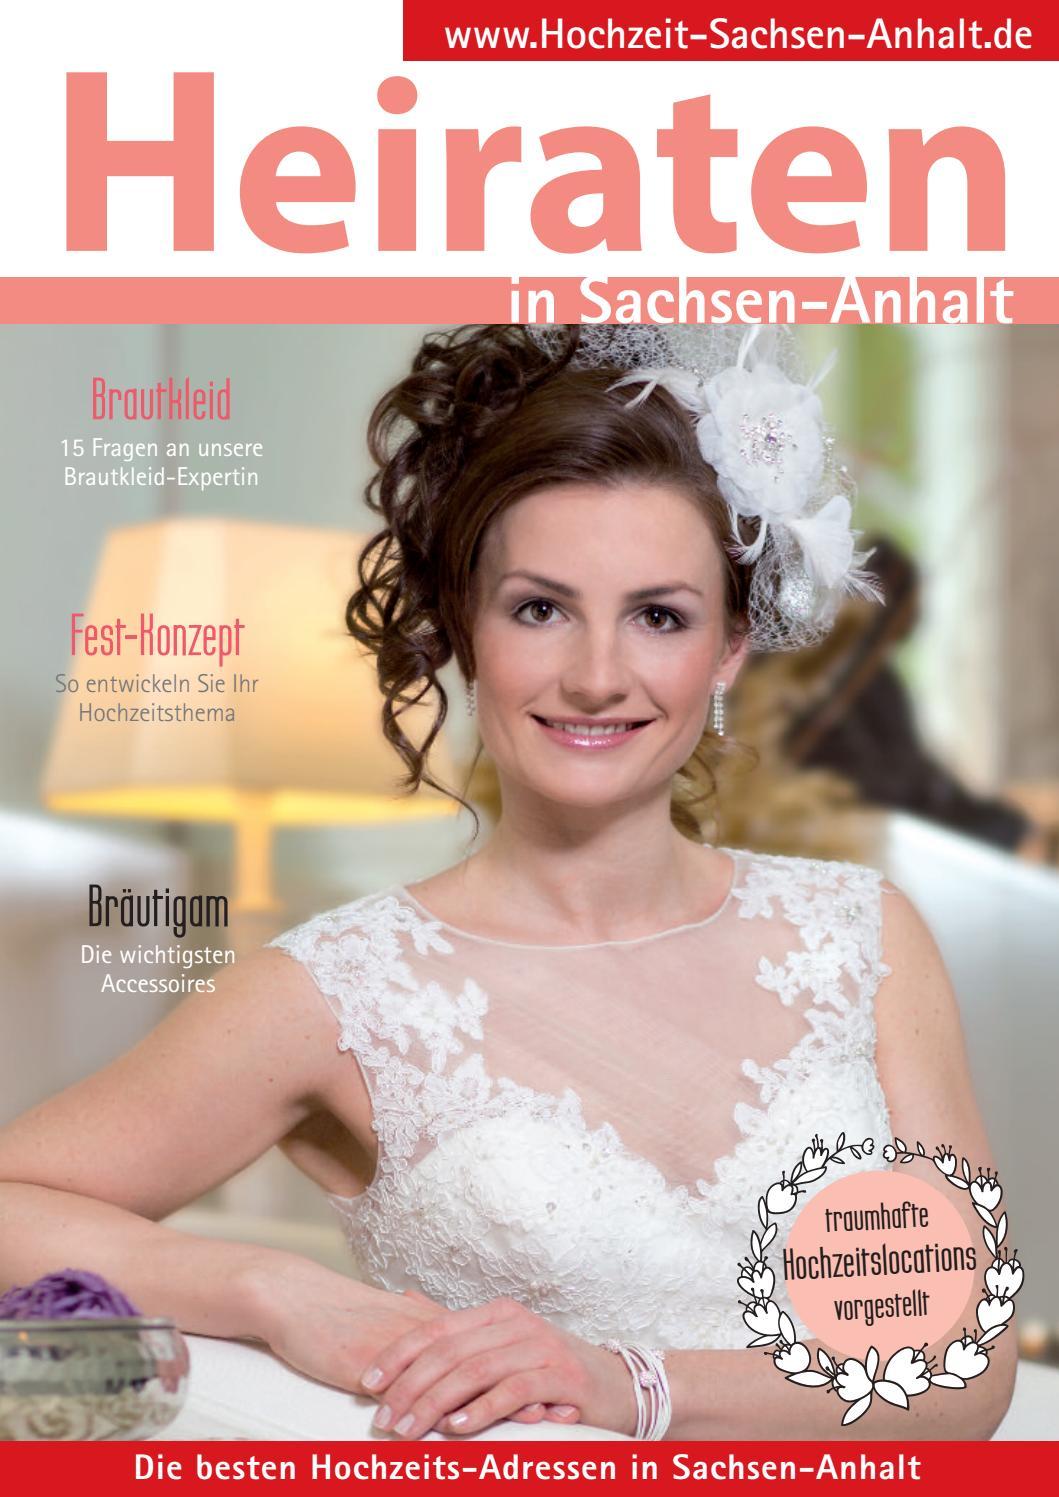 Heiraten in Sachsen-Anhalt 2017 by Werbung & Satz Fendler - issuu